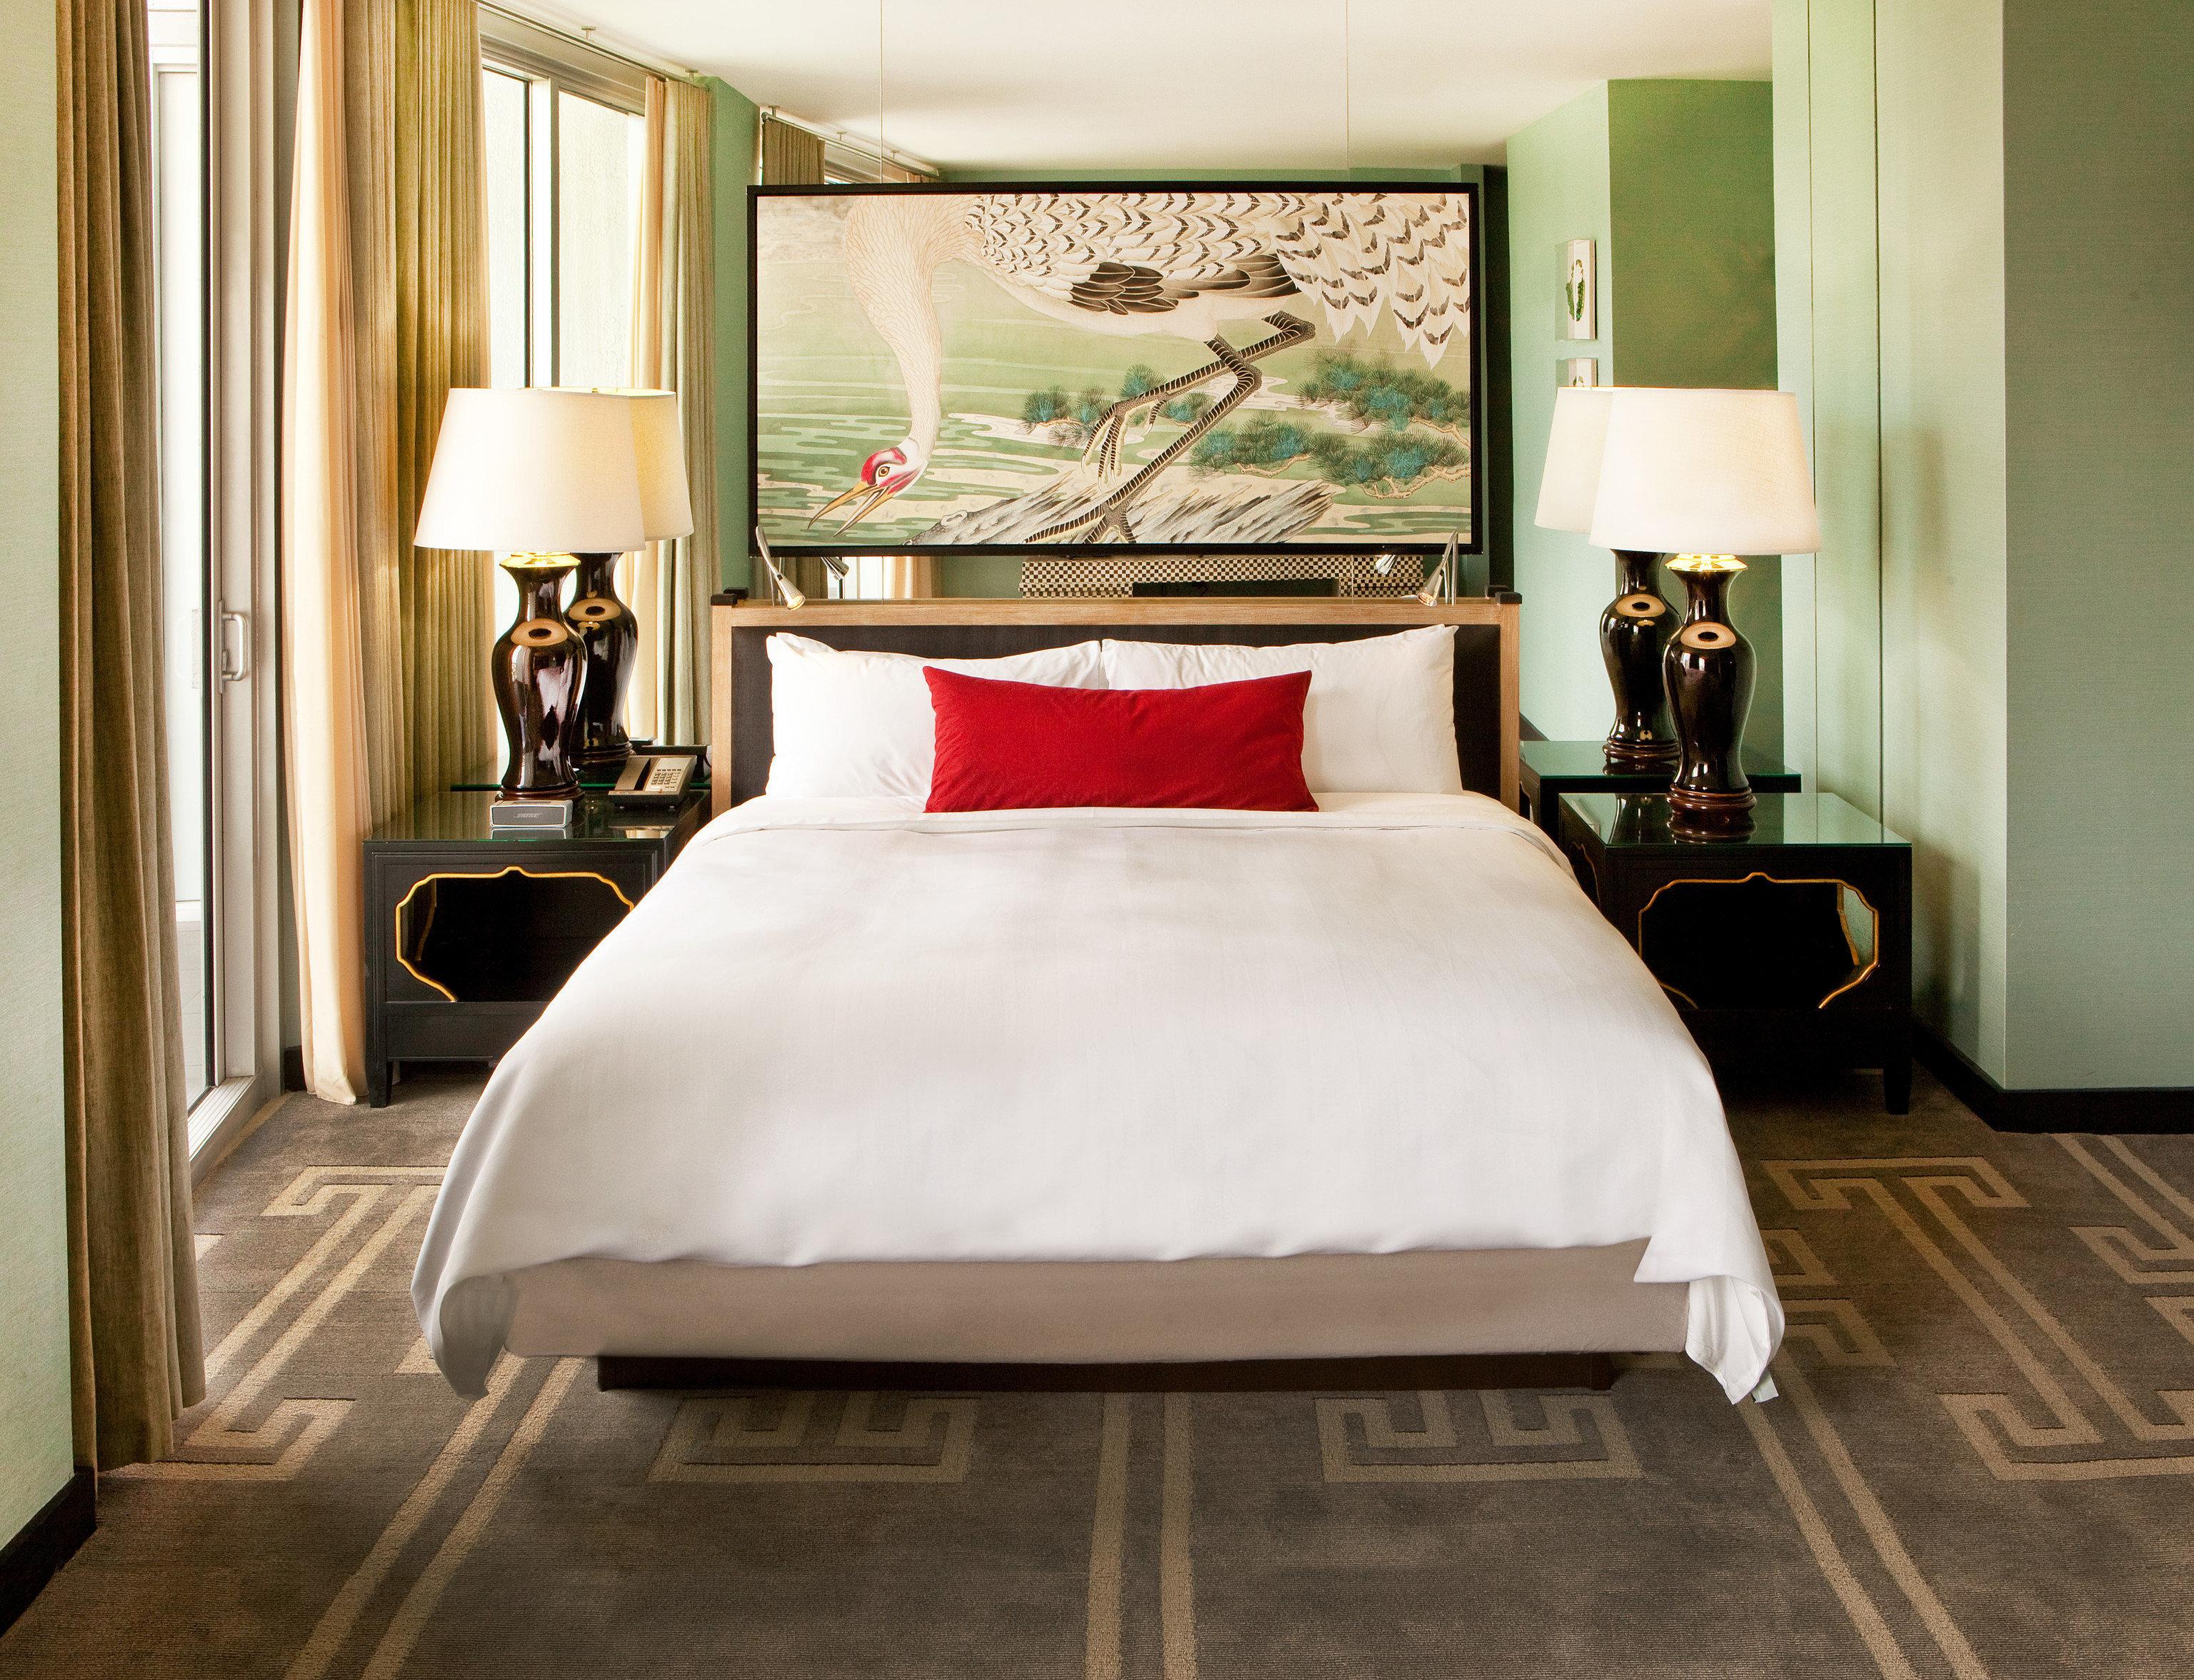 Bedroom Suite bed frame bed sheet